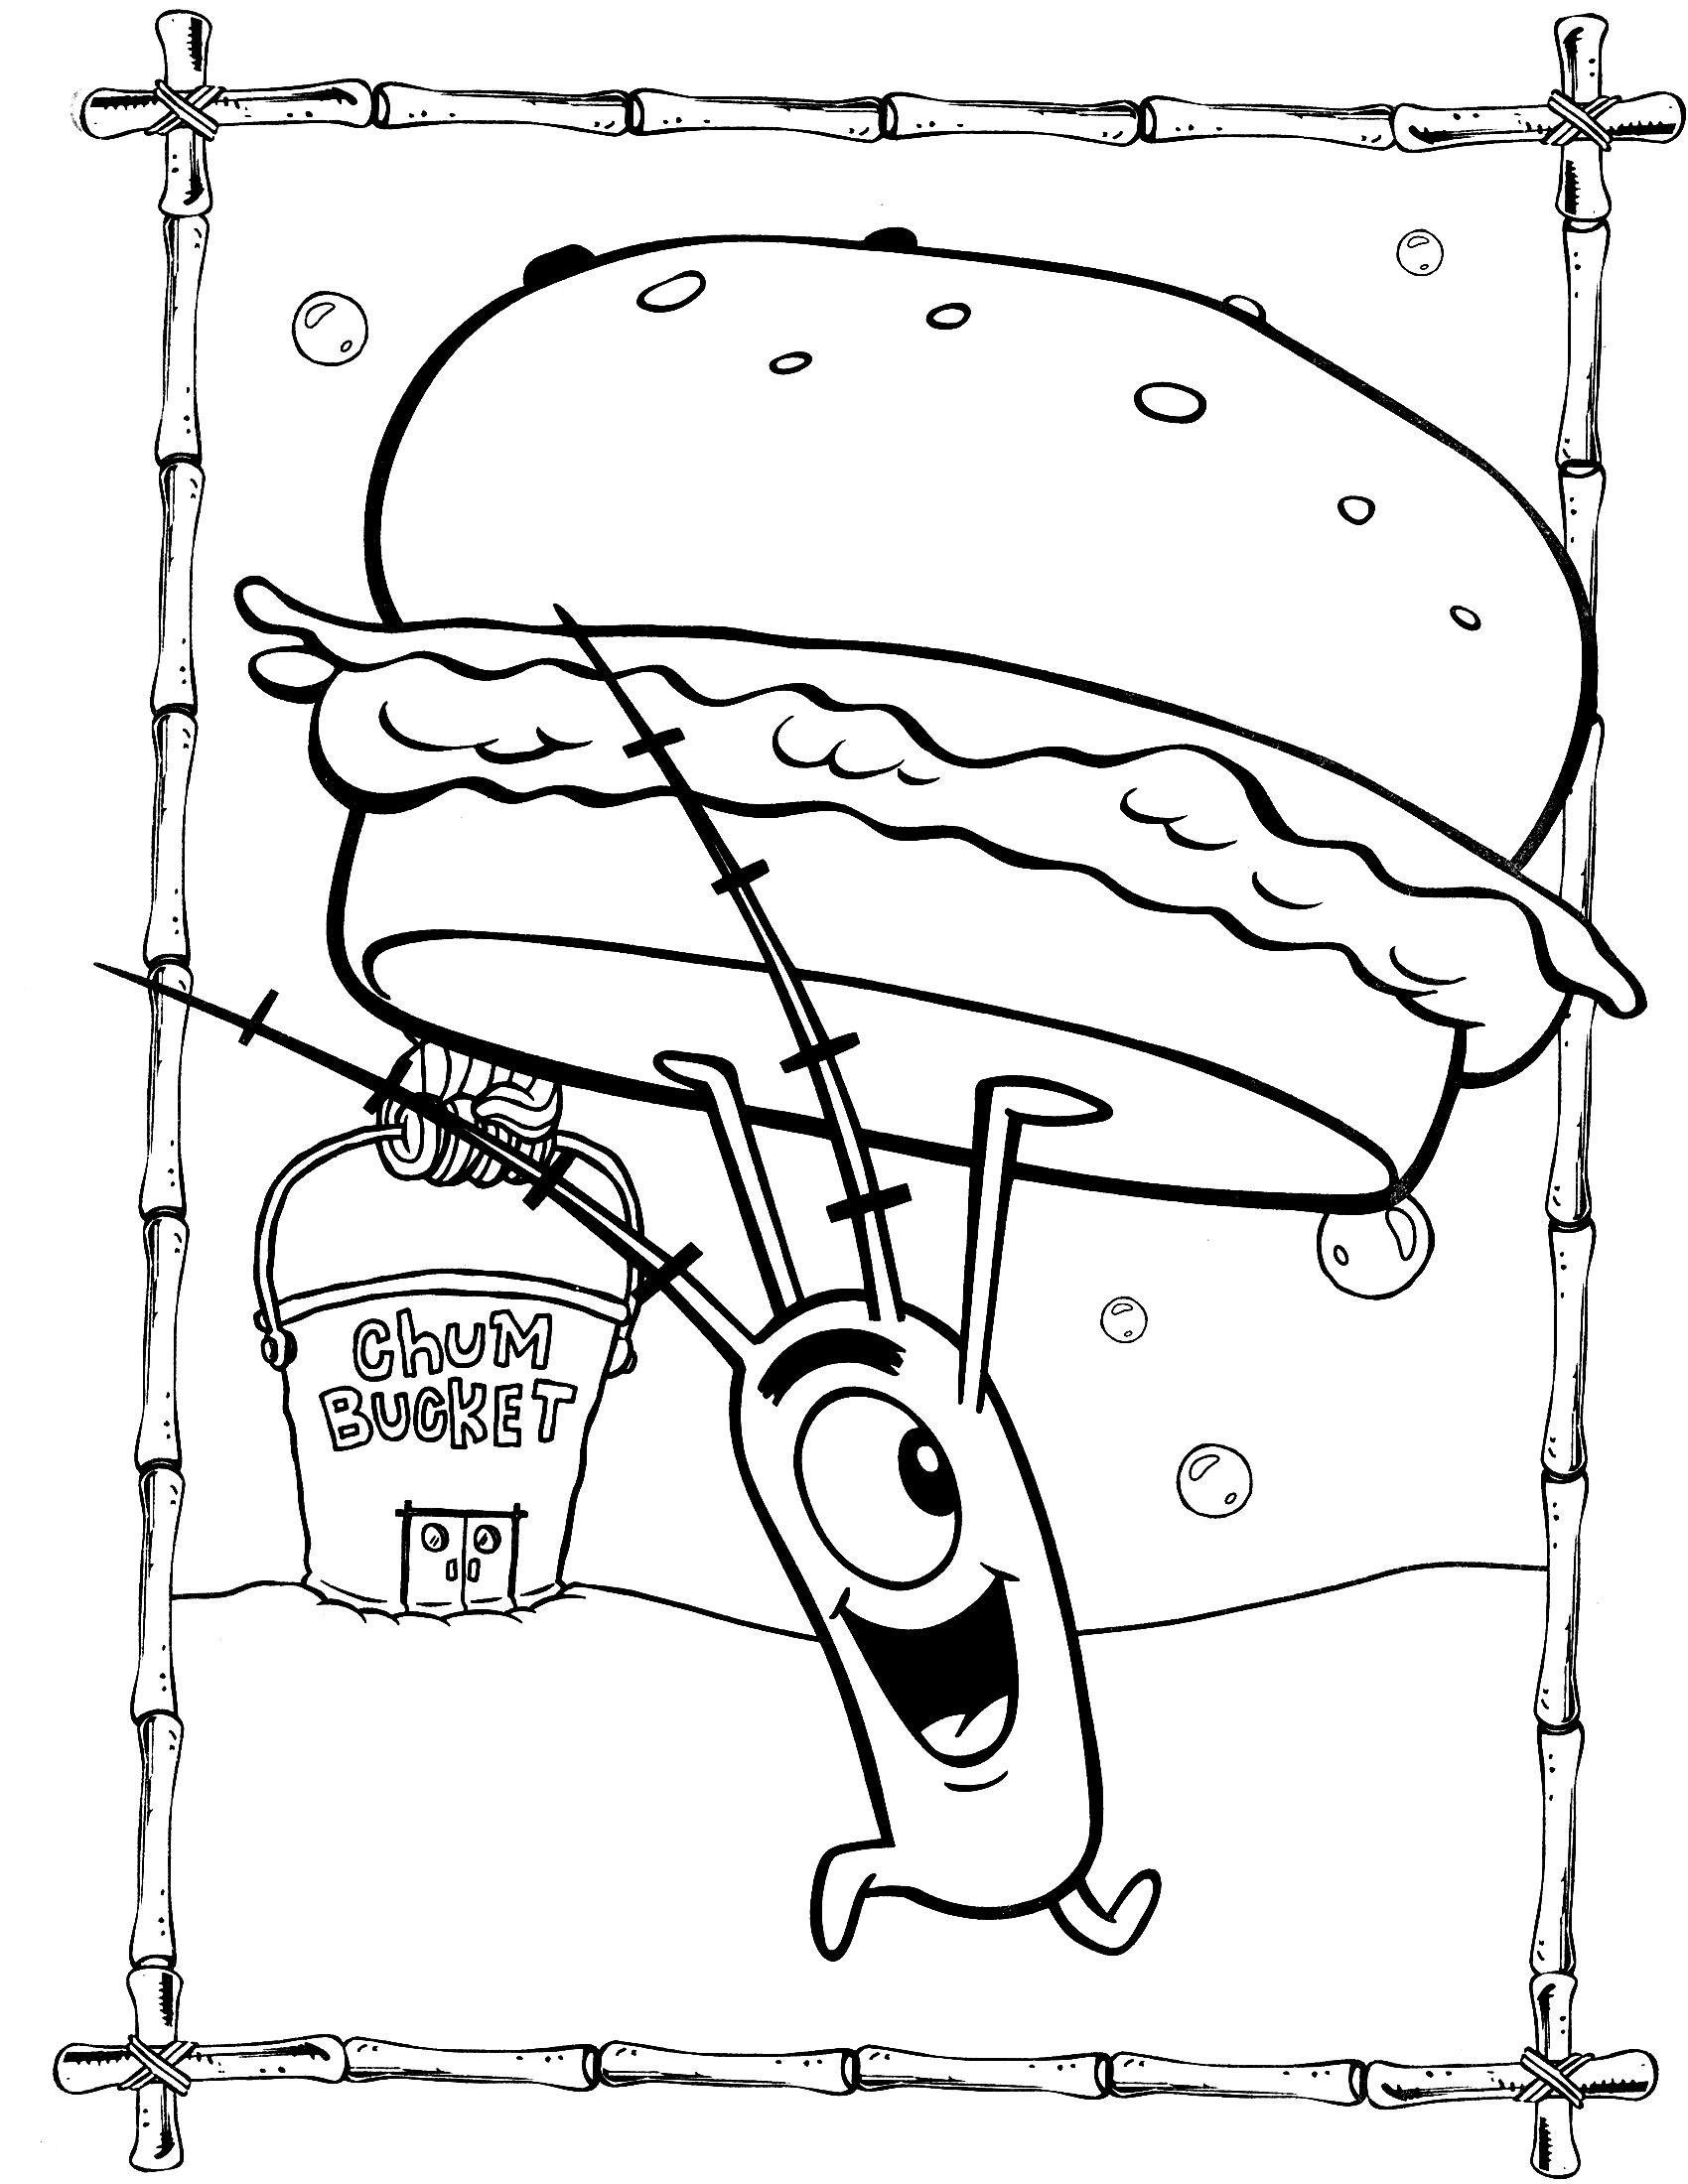 Spongebob Bilder Zum Ausmalen Inspirierend Spongebob Artwork Herrliche 40 Spongebob Und Patrick Ausmalbilder Fotografieren